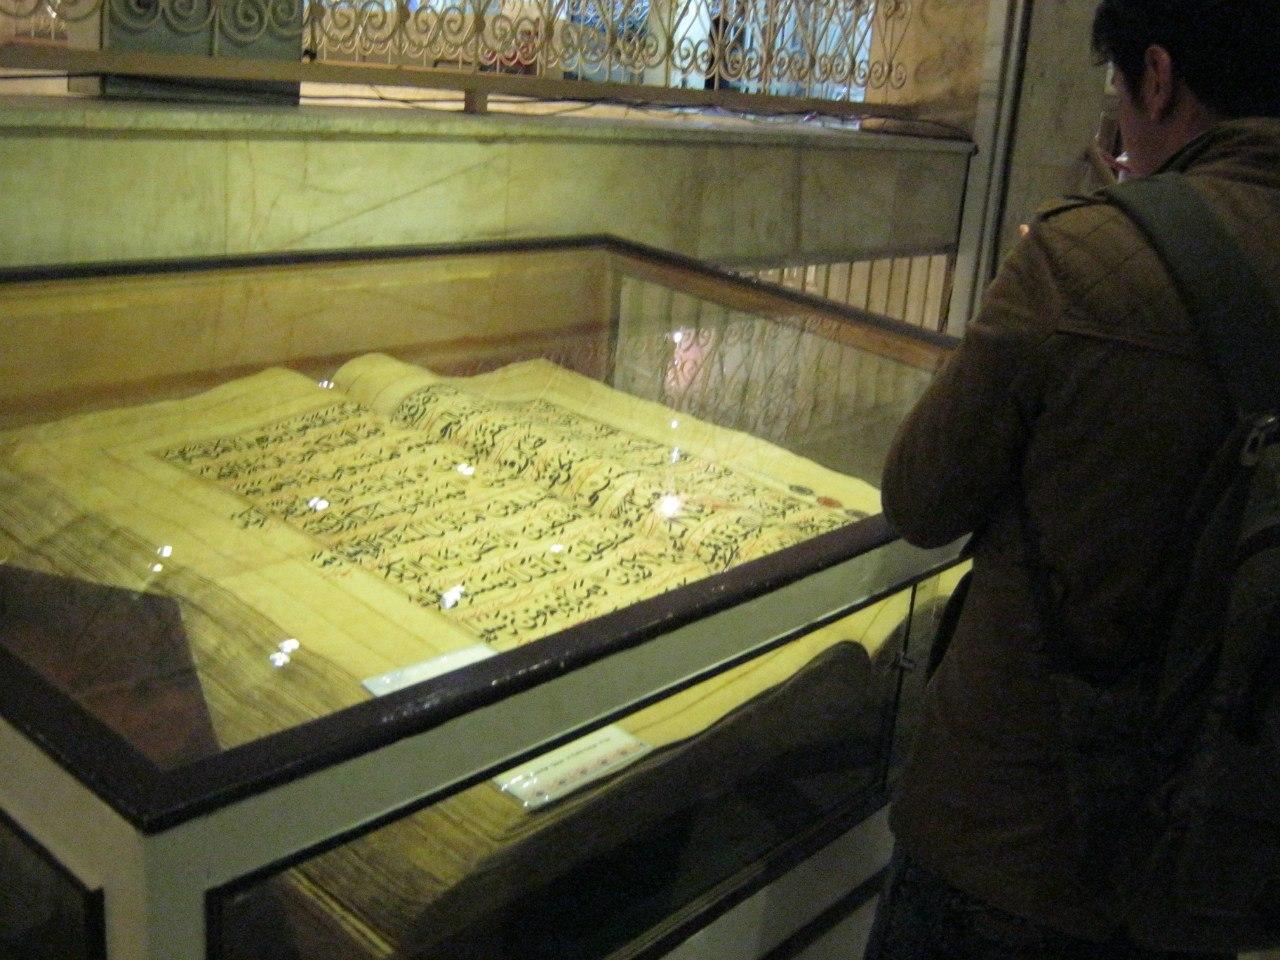 огромный Коран в музее Кума